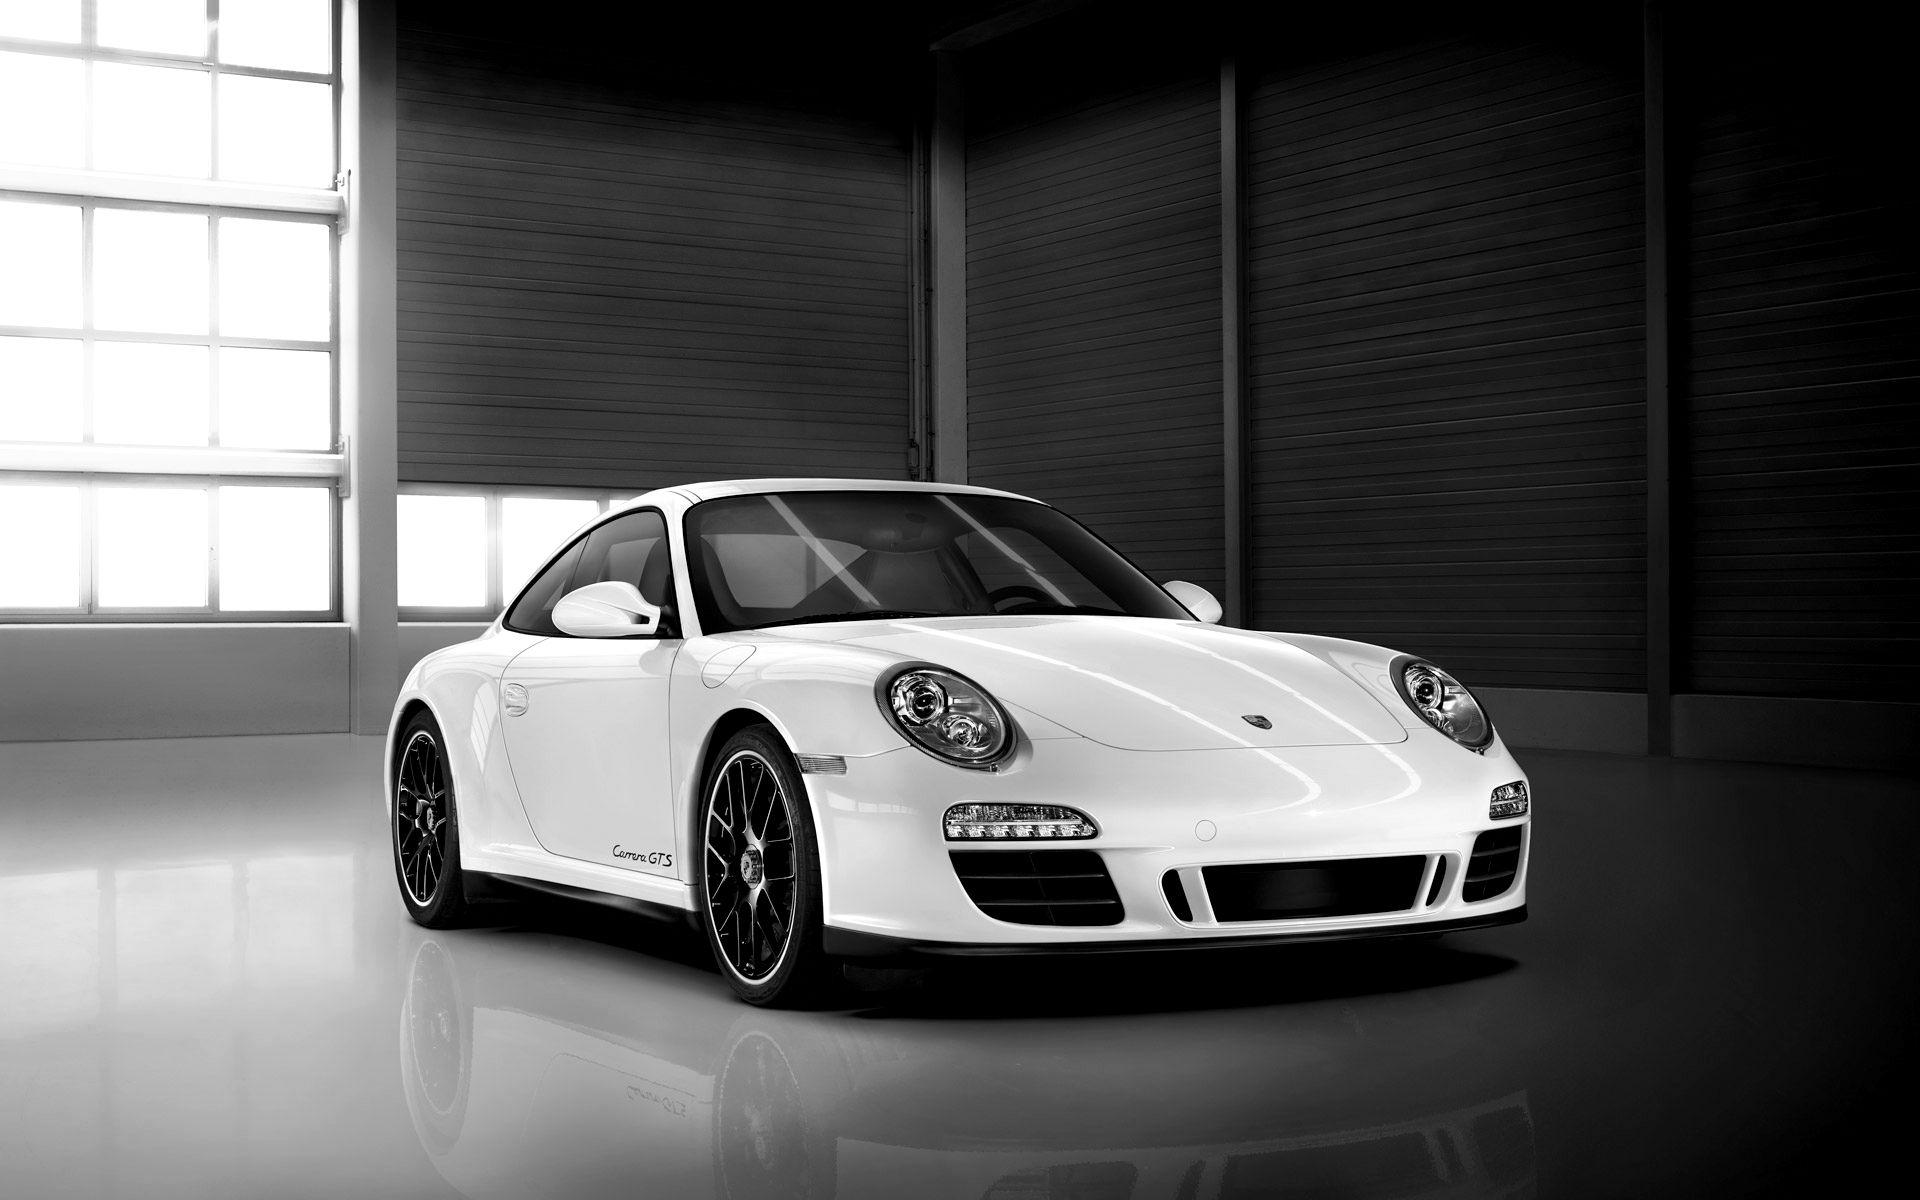 Recherche Google Porsche Carrera Gt Porsche Cars Porsche